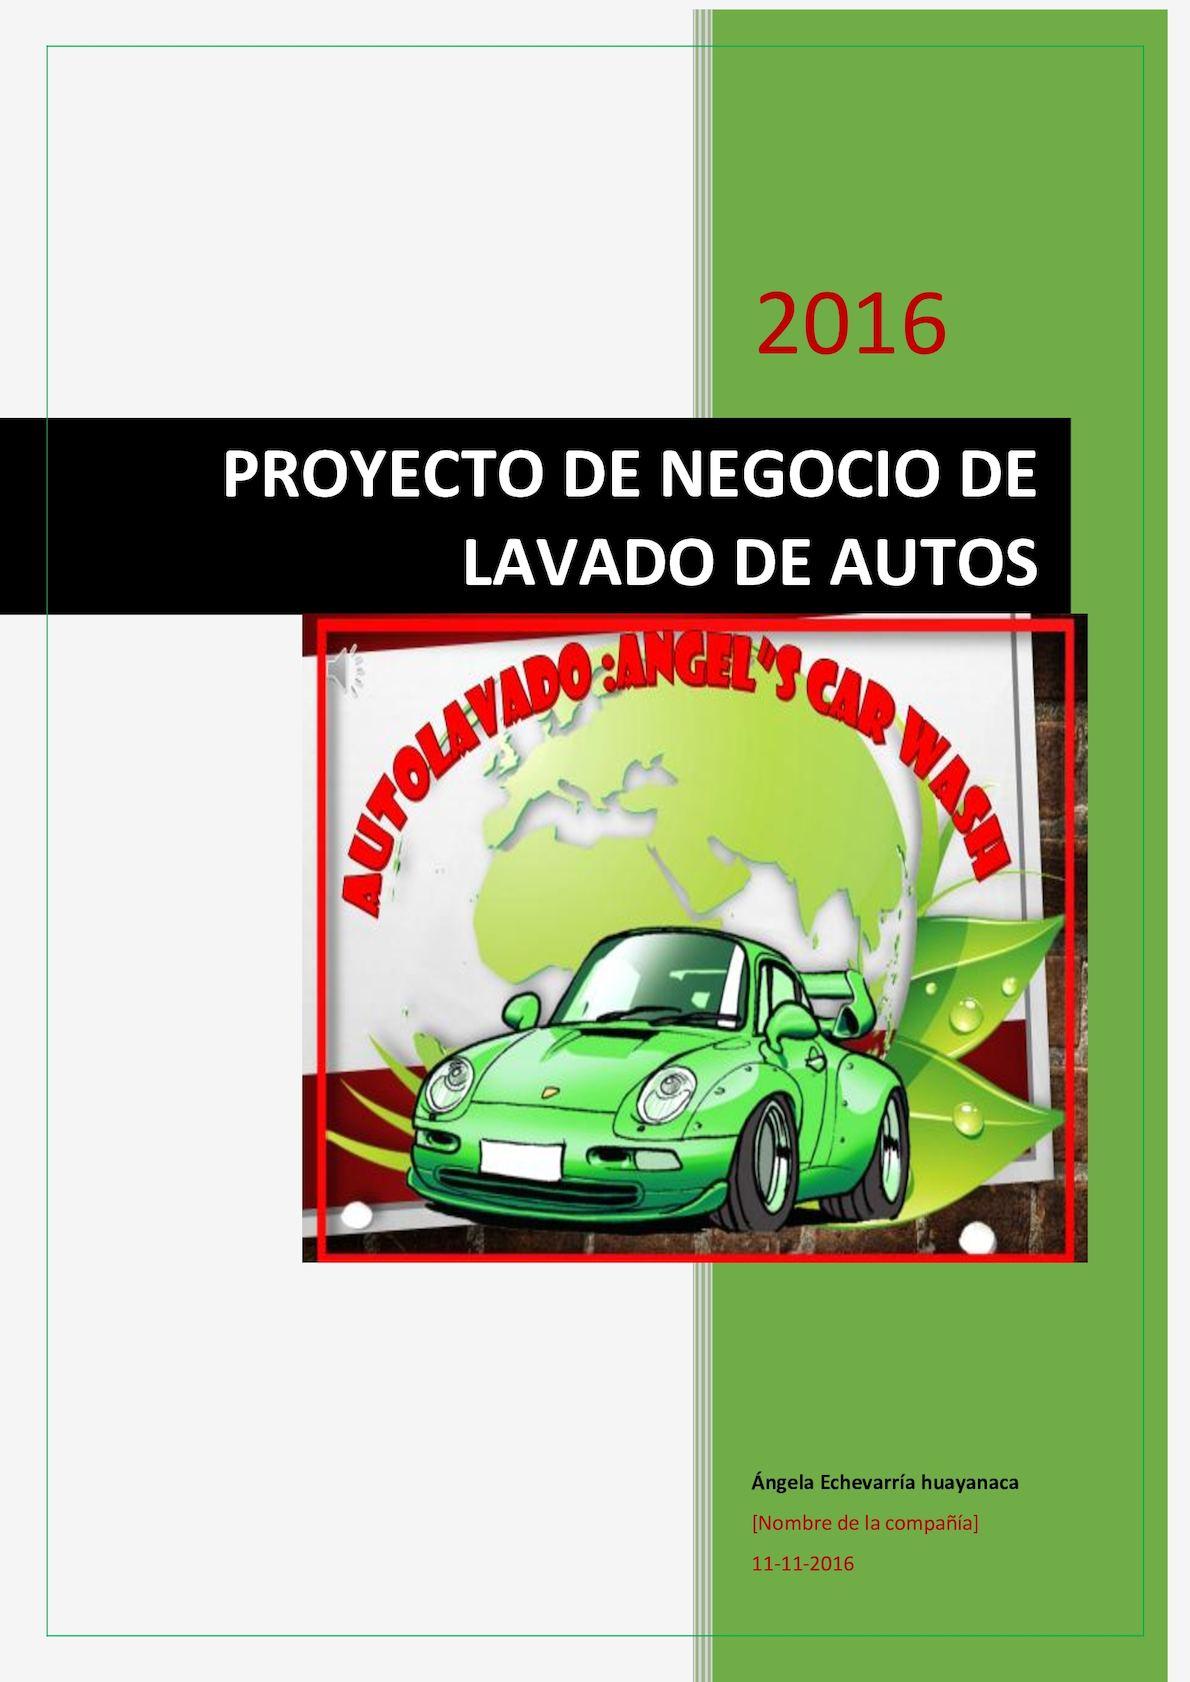 Proyecto De Negocio De Lavado De Autos Pra Computo